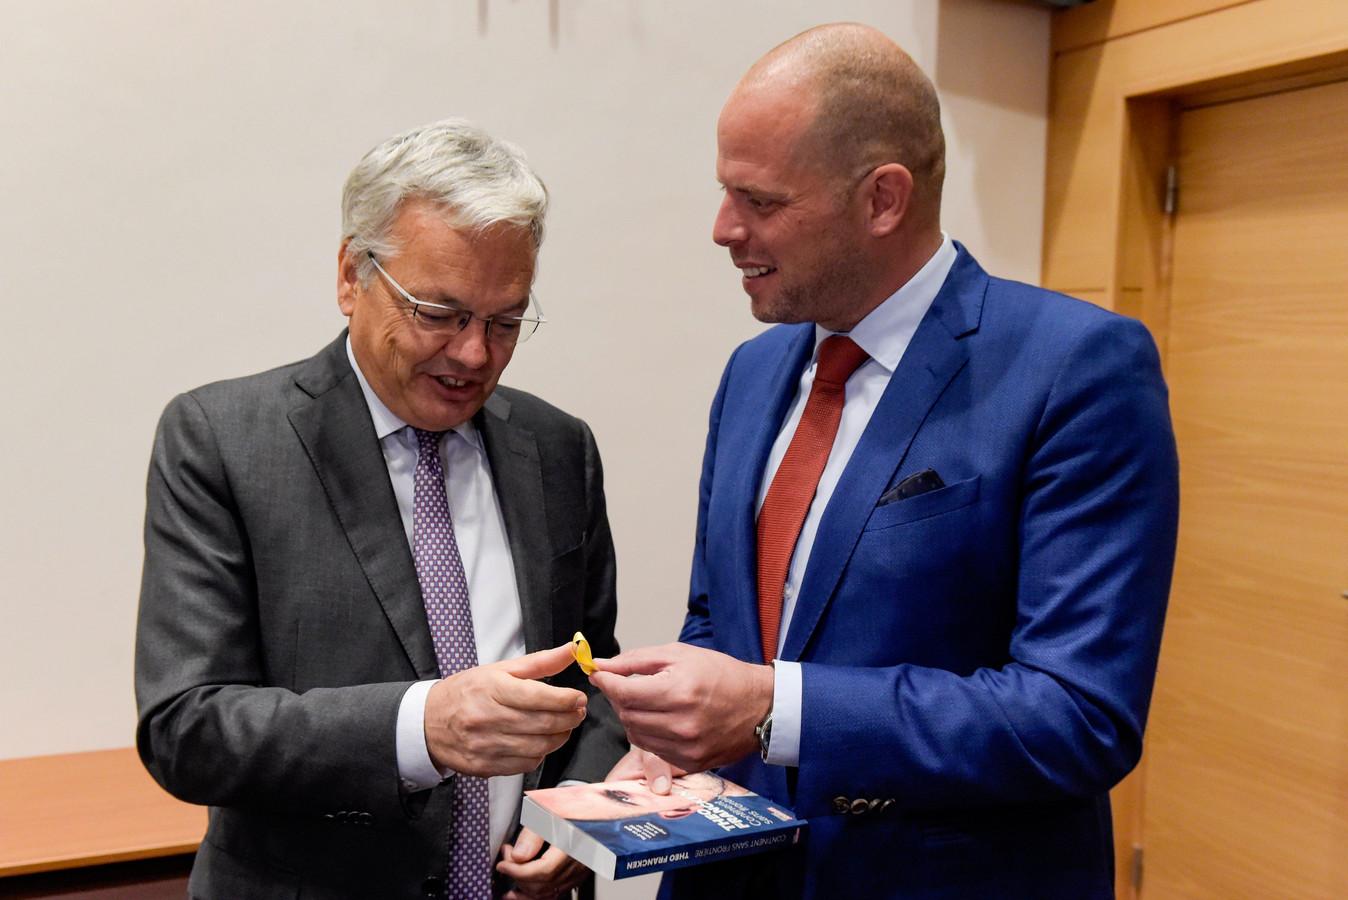 Theo Francken a offert à Didier Reynders son nouveau livre sur la migration, mais aussi un ruban jaune catalan.